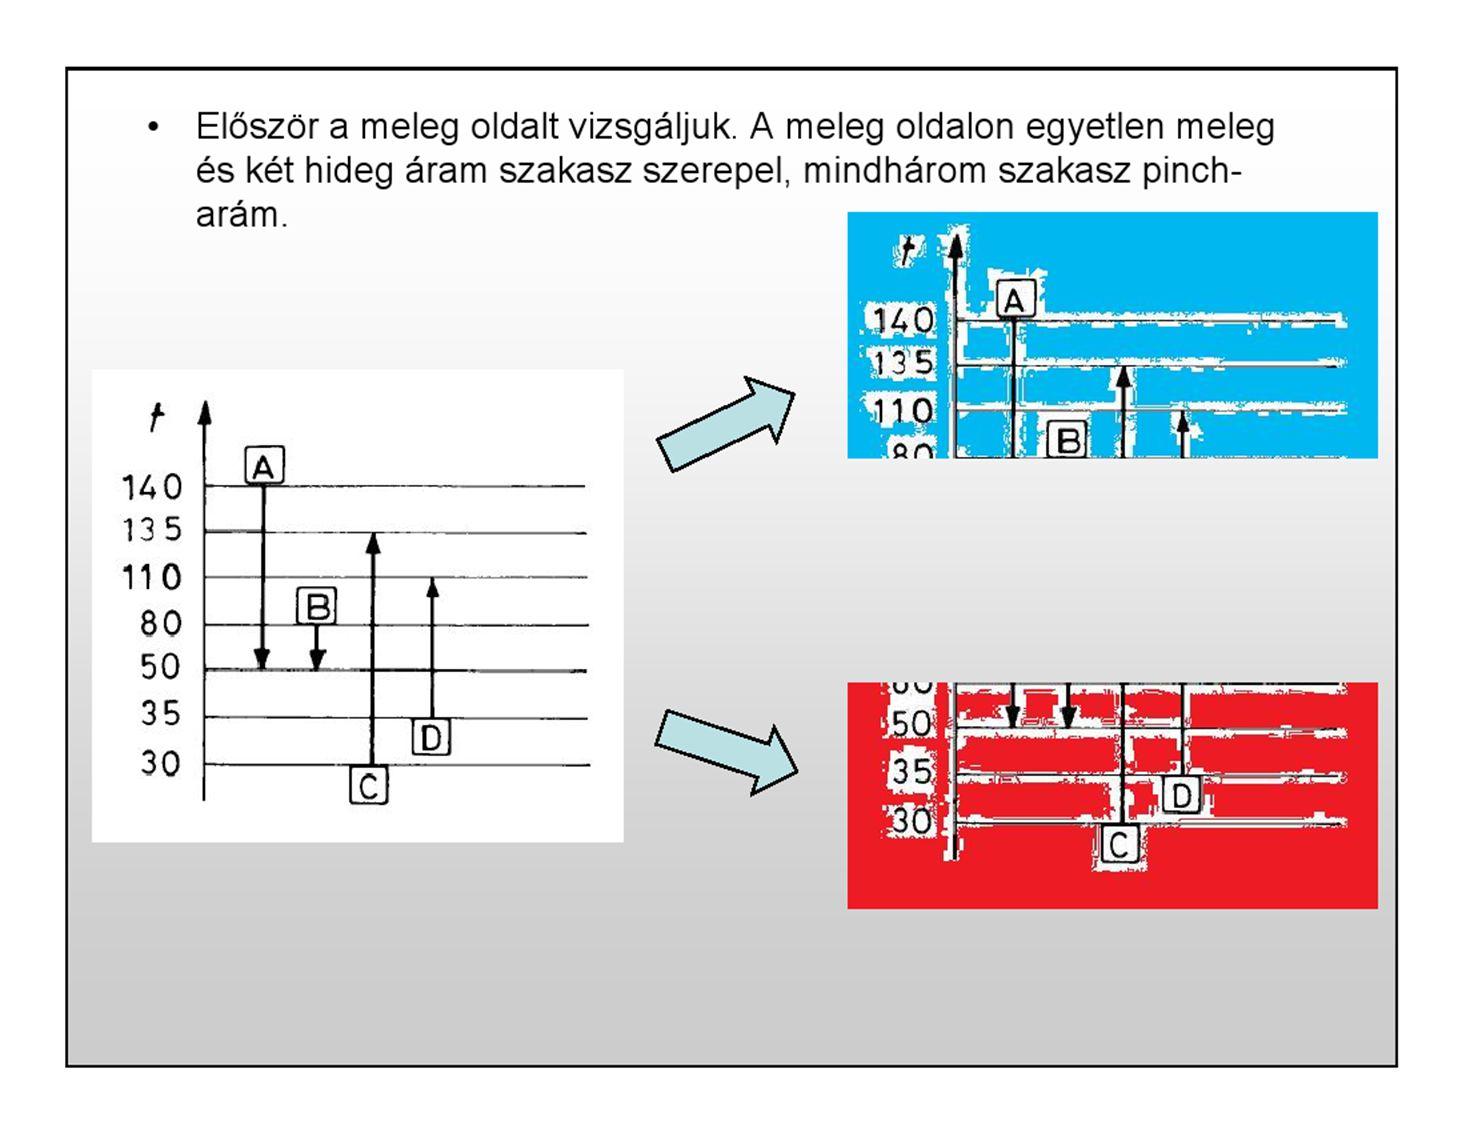 A HH kijelölése azt jelenti, hogy 1.egymáshoz rendeljük a párosított meleg és hideg áram-szakaszokat, valamint az áramokhoz szükség esetén hozzárendeljük a külső segédközegeket (fűtés vagy hűtés), 2.ha egy áram(-szakasz) több másikkal és/vagy segédközeggel is találkozik,akkor kijelöljük a találkozások sorrendjét, 3.megadjuk az egyes csatolásokhoz tartozó hőteljesítményeket.